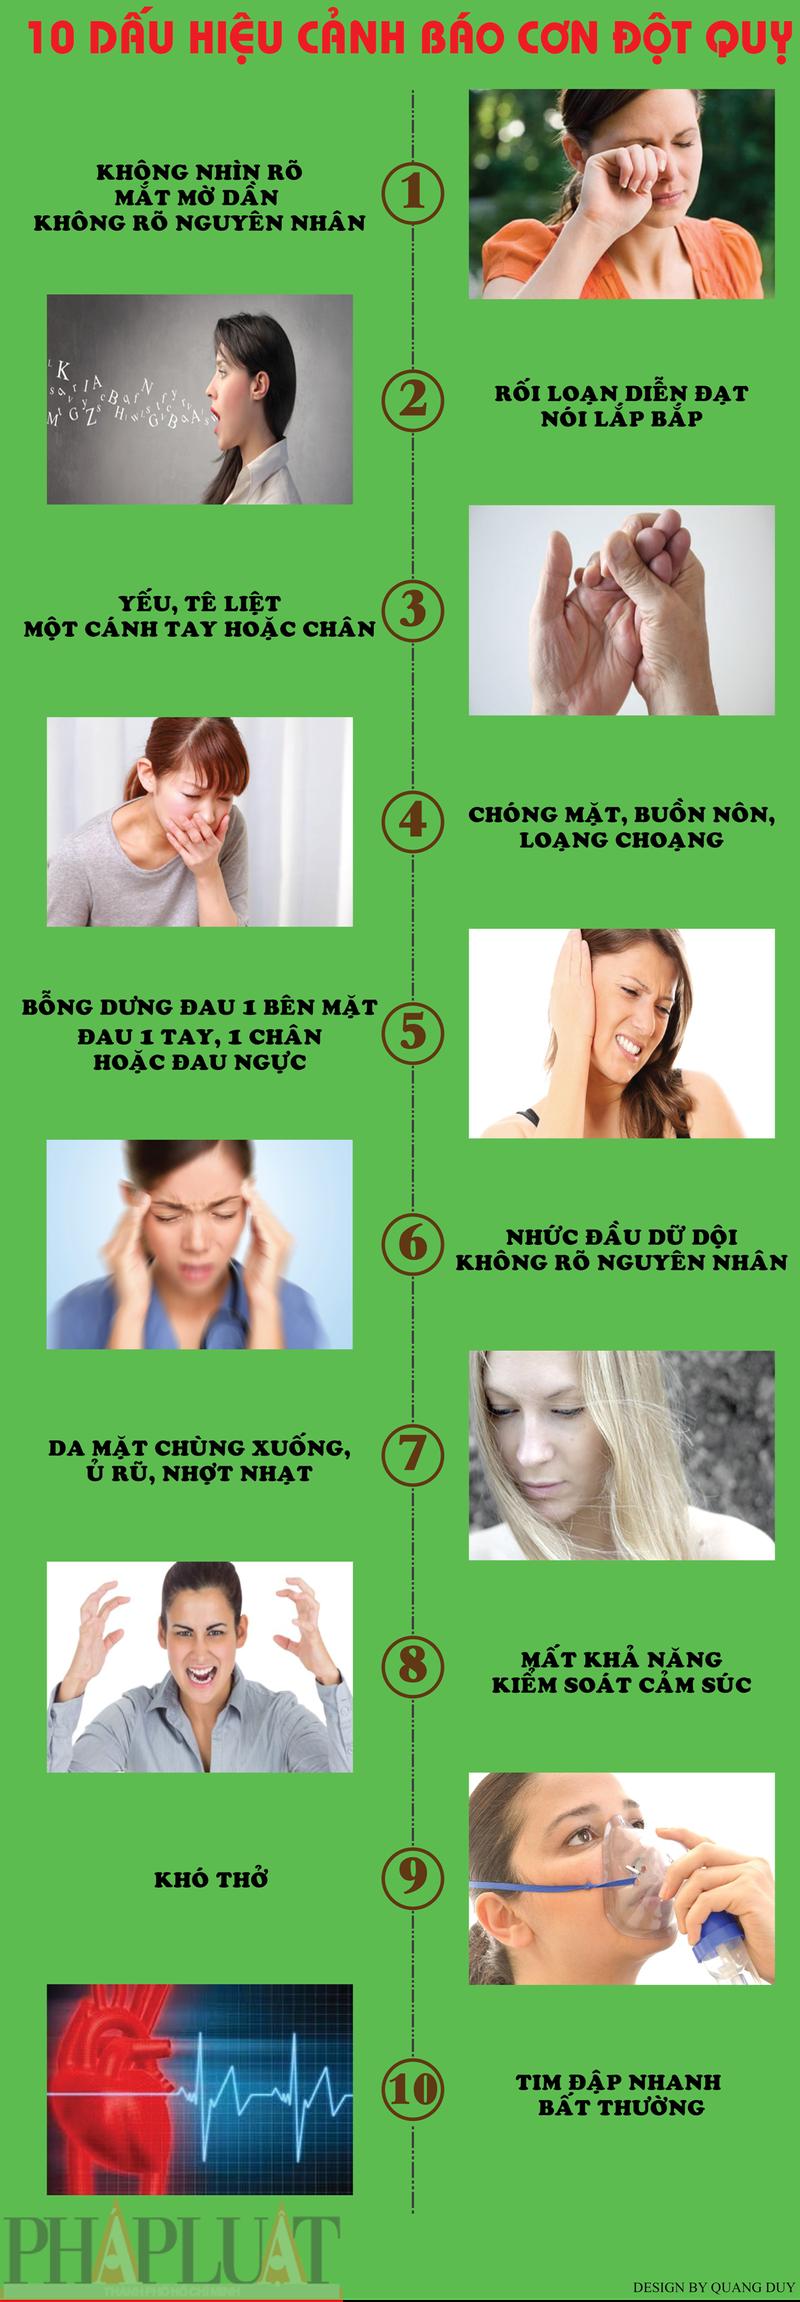 Infographic: Những dấu hiệu và cách sơ cứu bệnh đột quỵ - ảnh 1